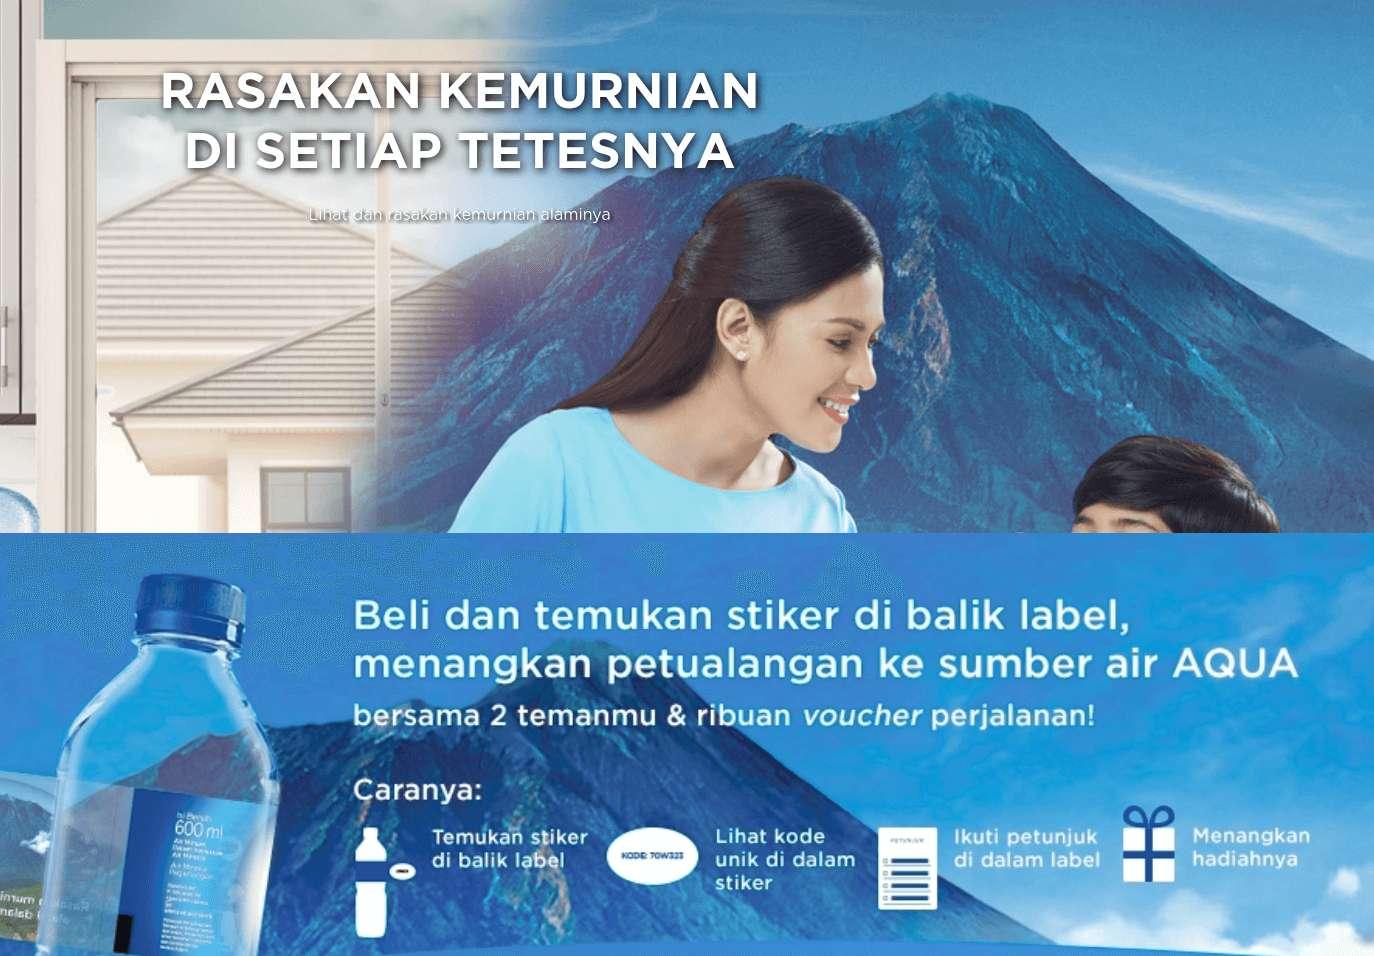 Beli dan Temukan Stiker di Balik Label Aqua dan Menangkan Hadiah Jalan- Jalan ke Sumber Mata Air Aqua